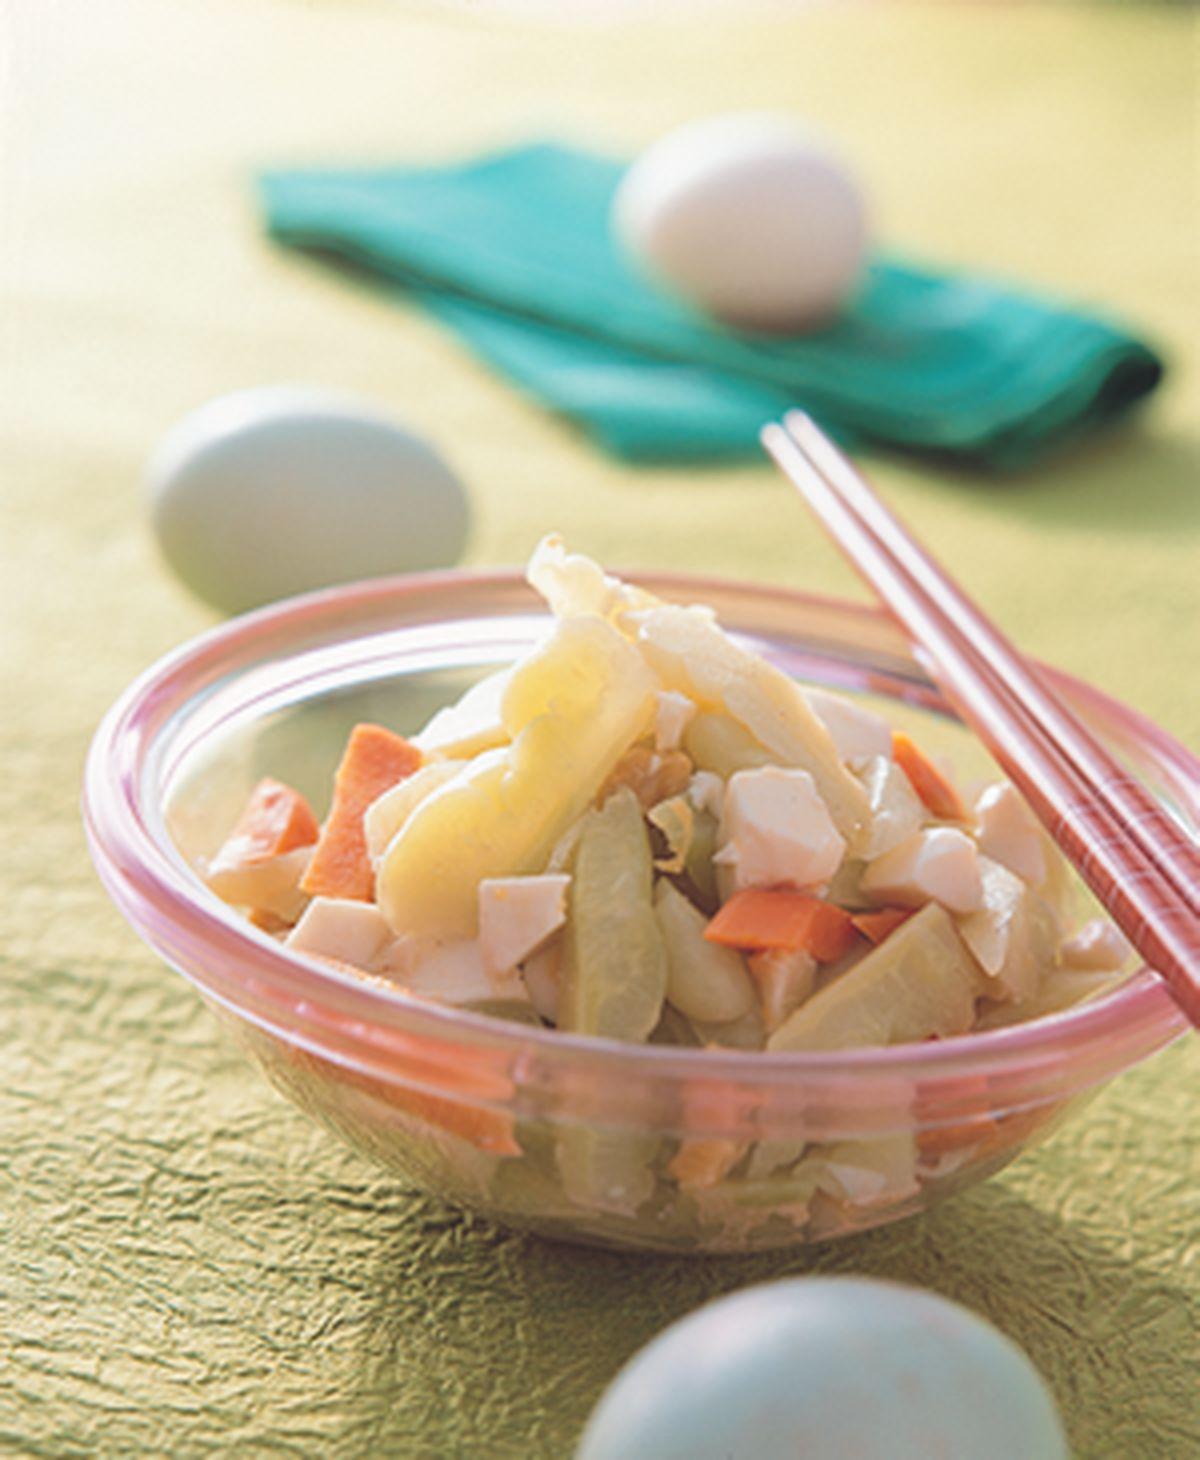 食譜:涼拌鹹蛋苦瓜